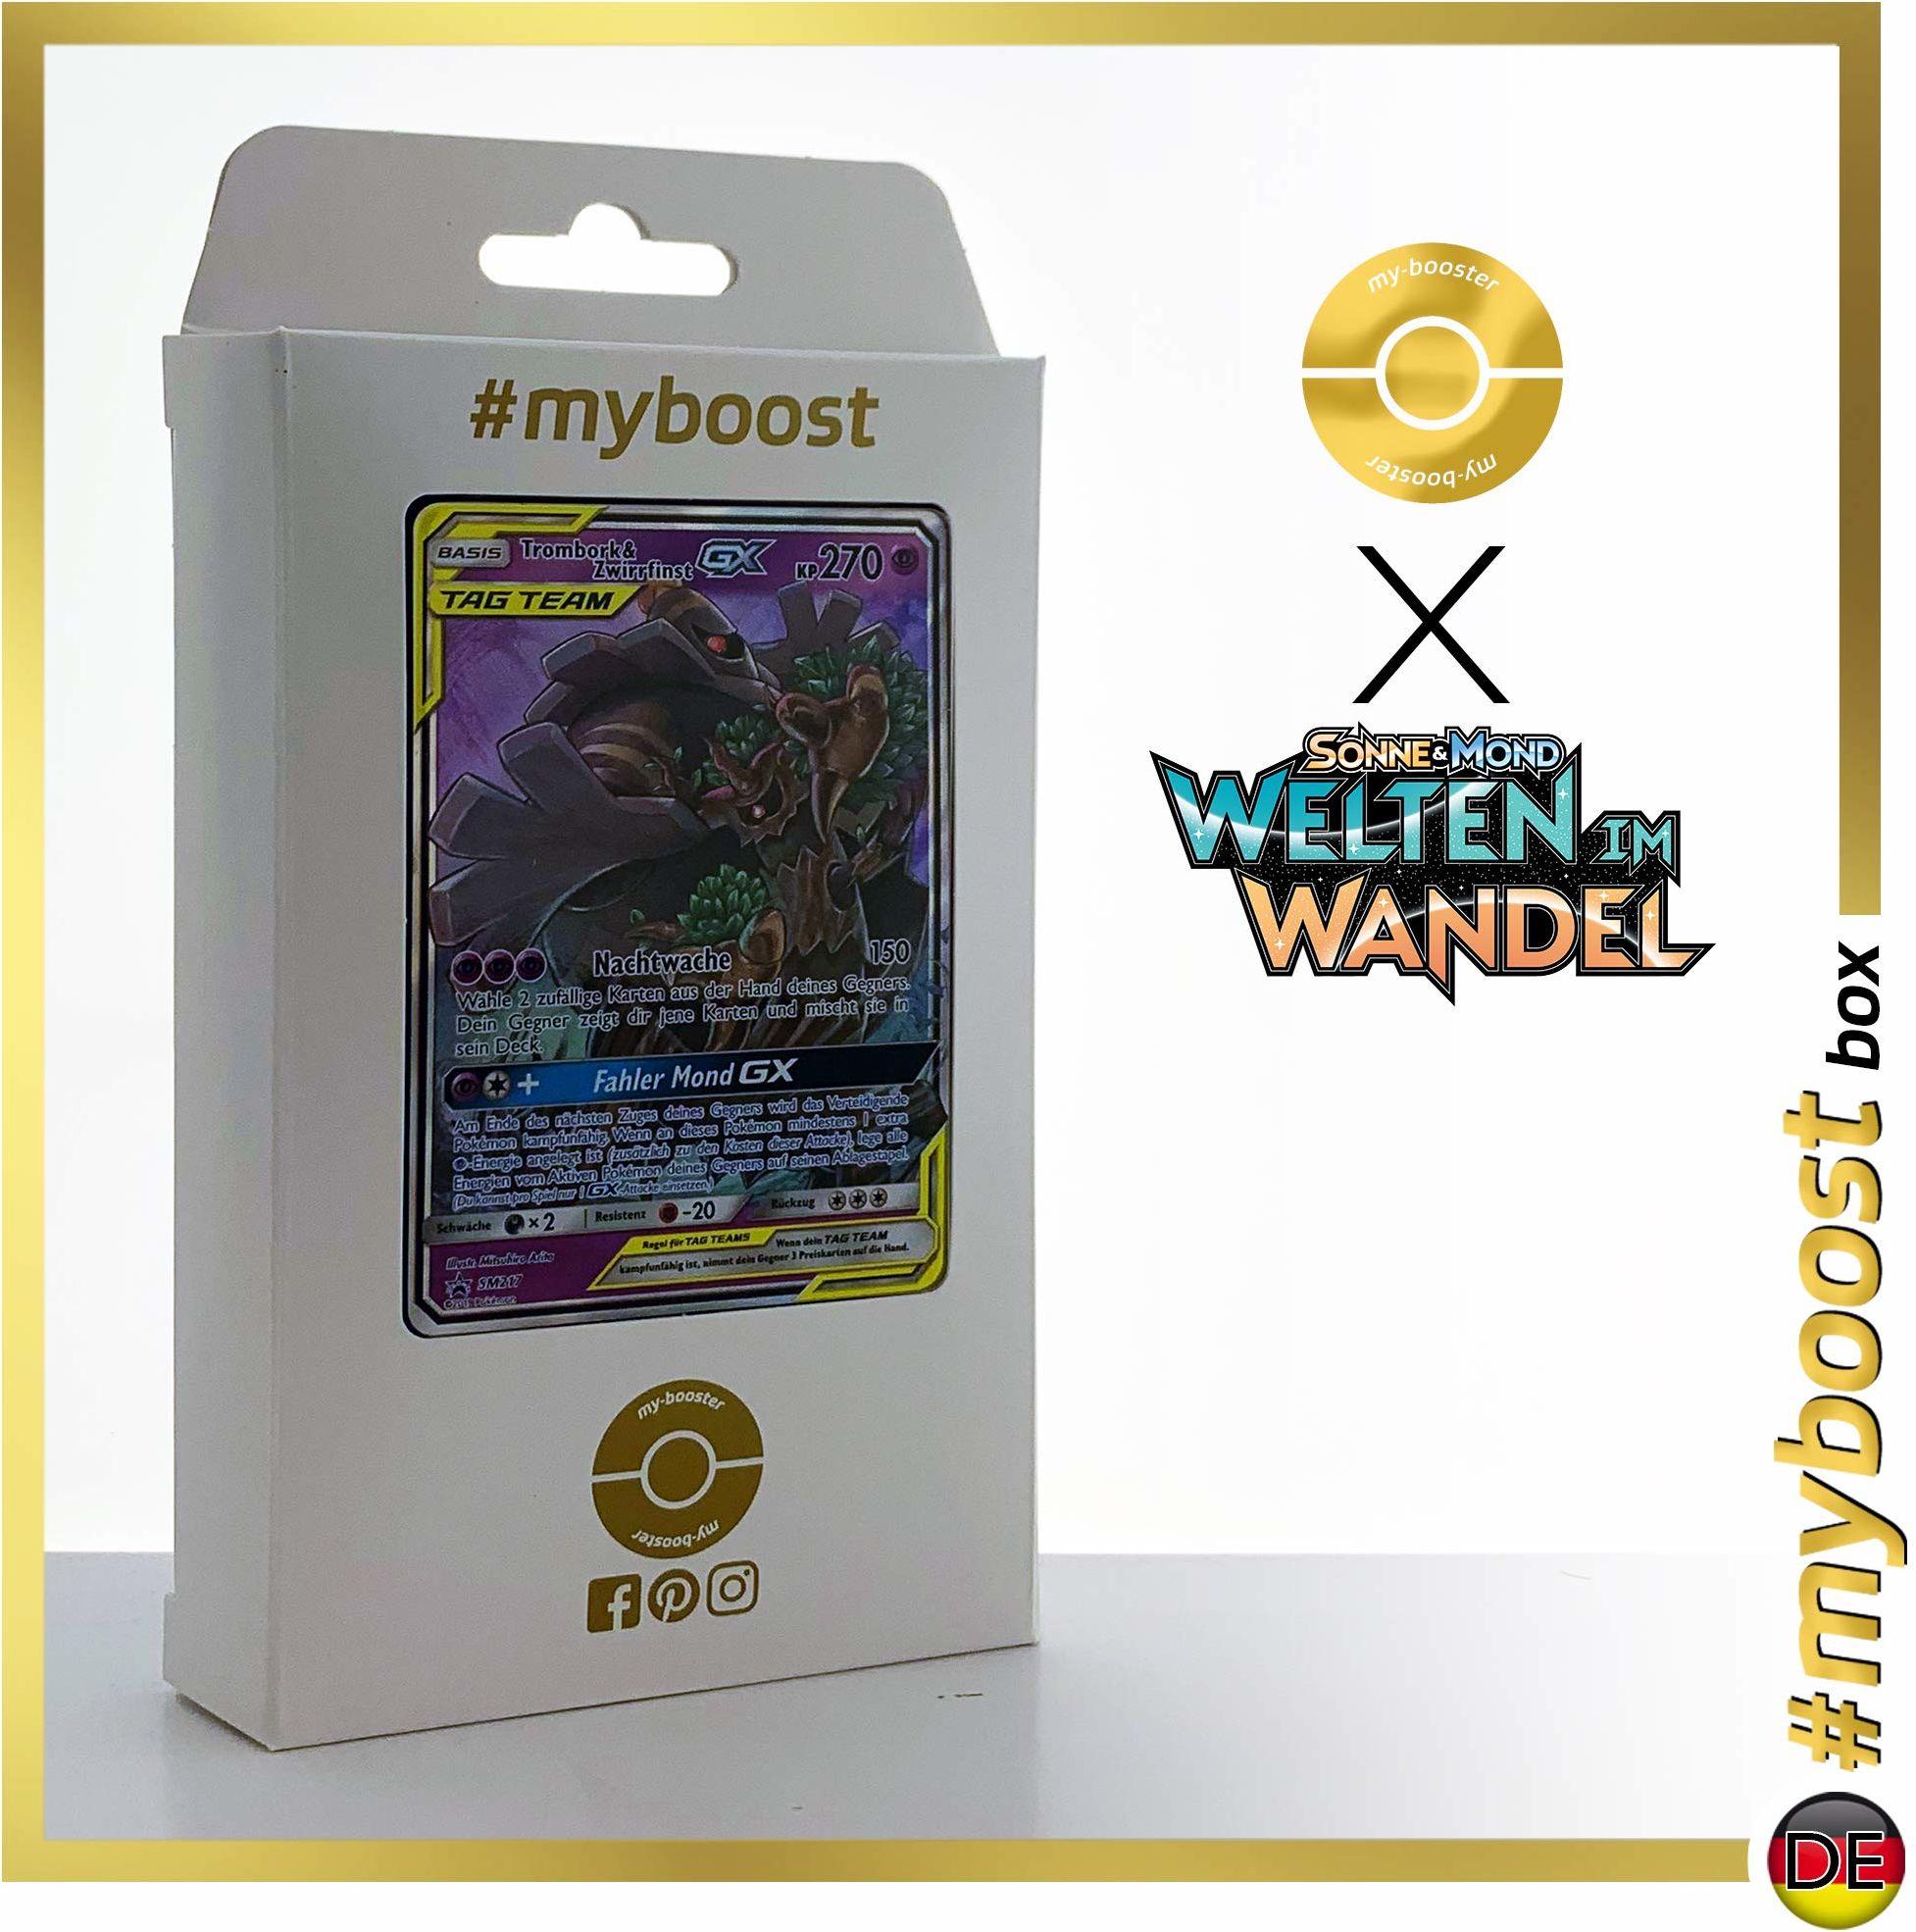 Trombork & Zwirrfinst-GX SM217  #myboost X słońce i księżyc 12 światów w zmianie  pudełko z 10 niemieckimi kartkami Pokémon